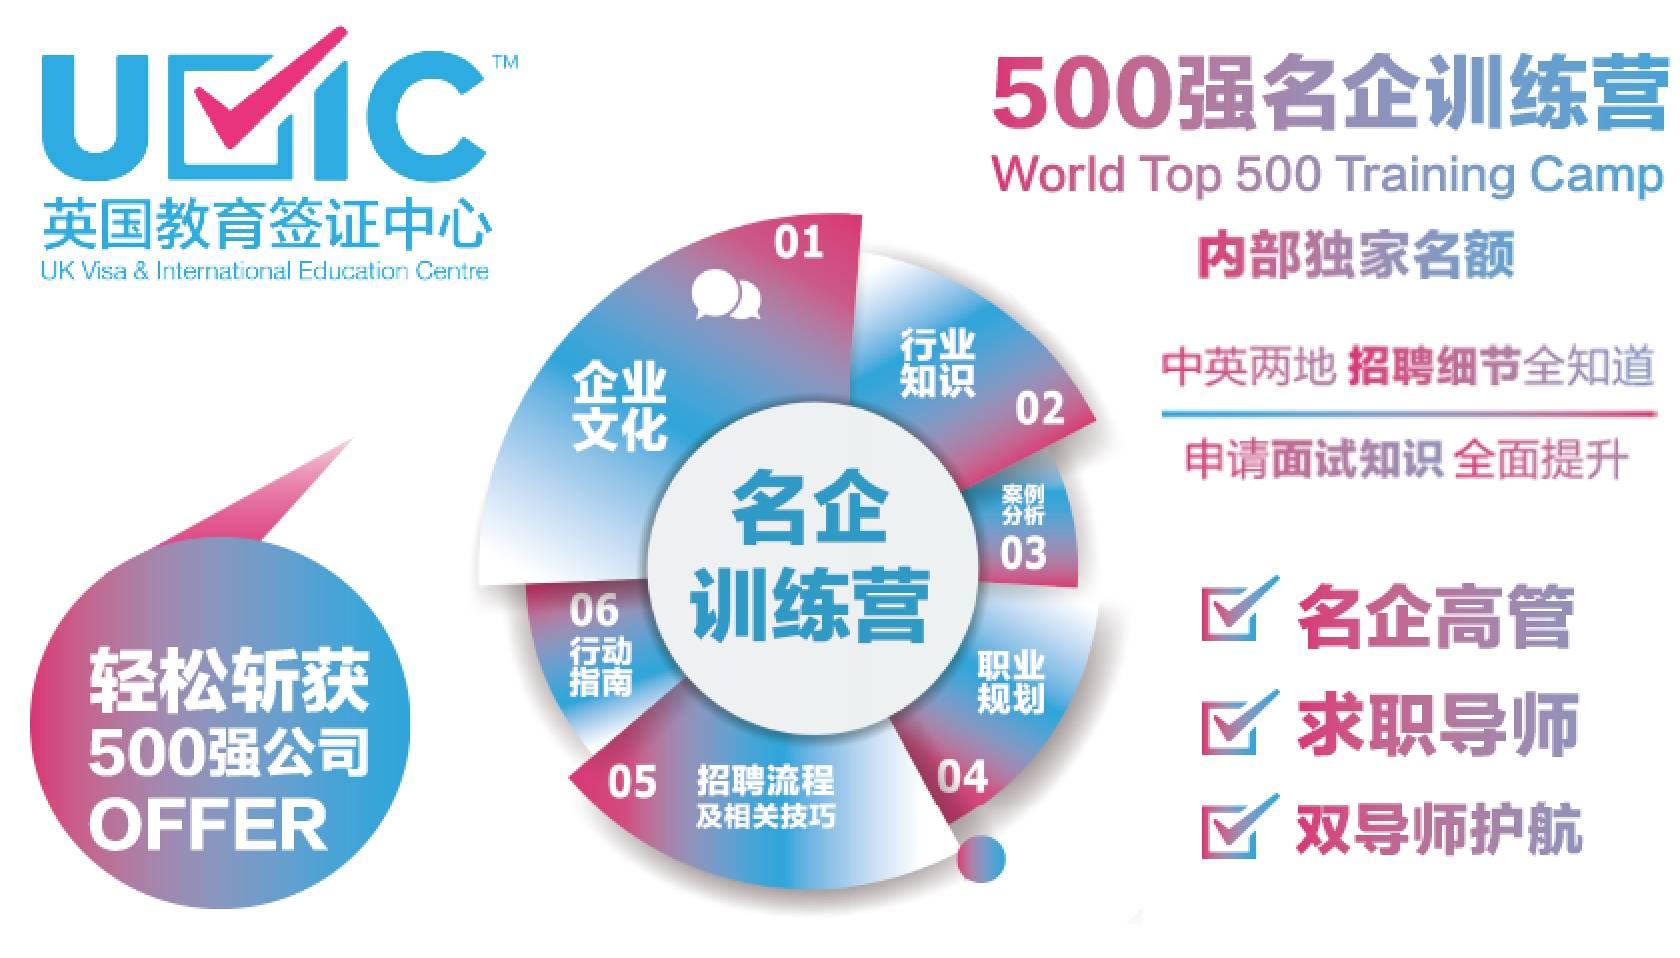 """【名企训练营】世界500强高薪职位开放申请,你还在"""""""